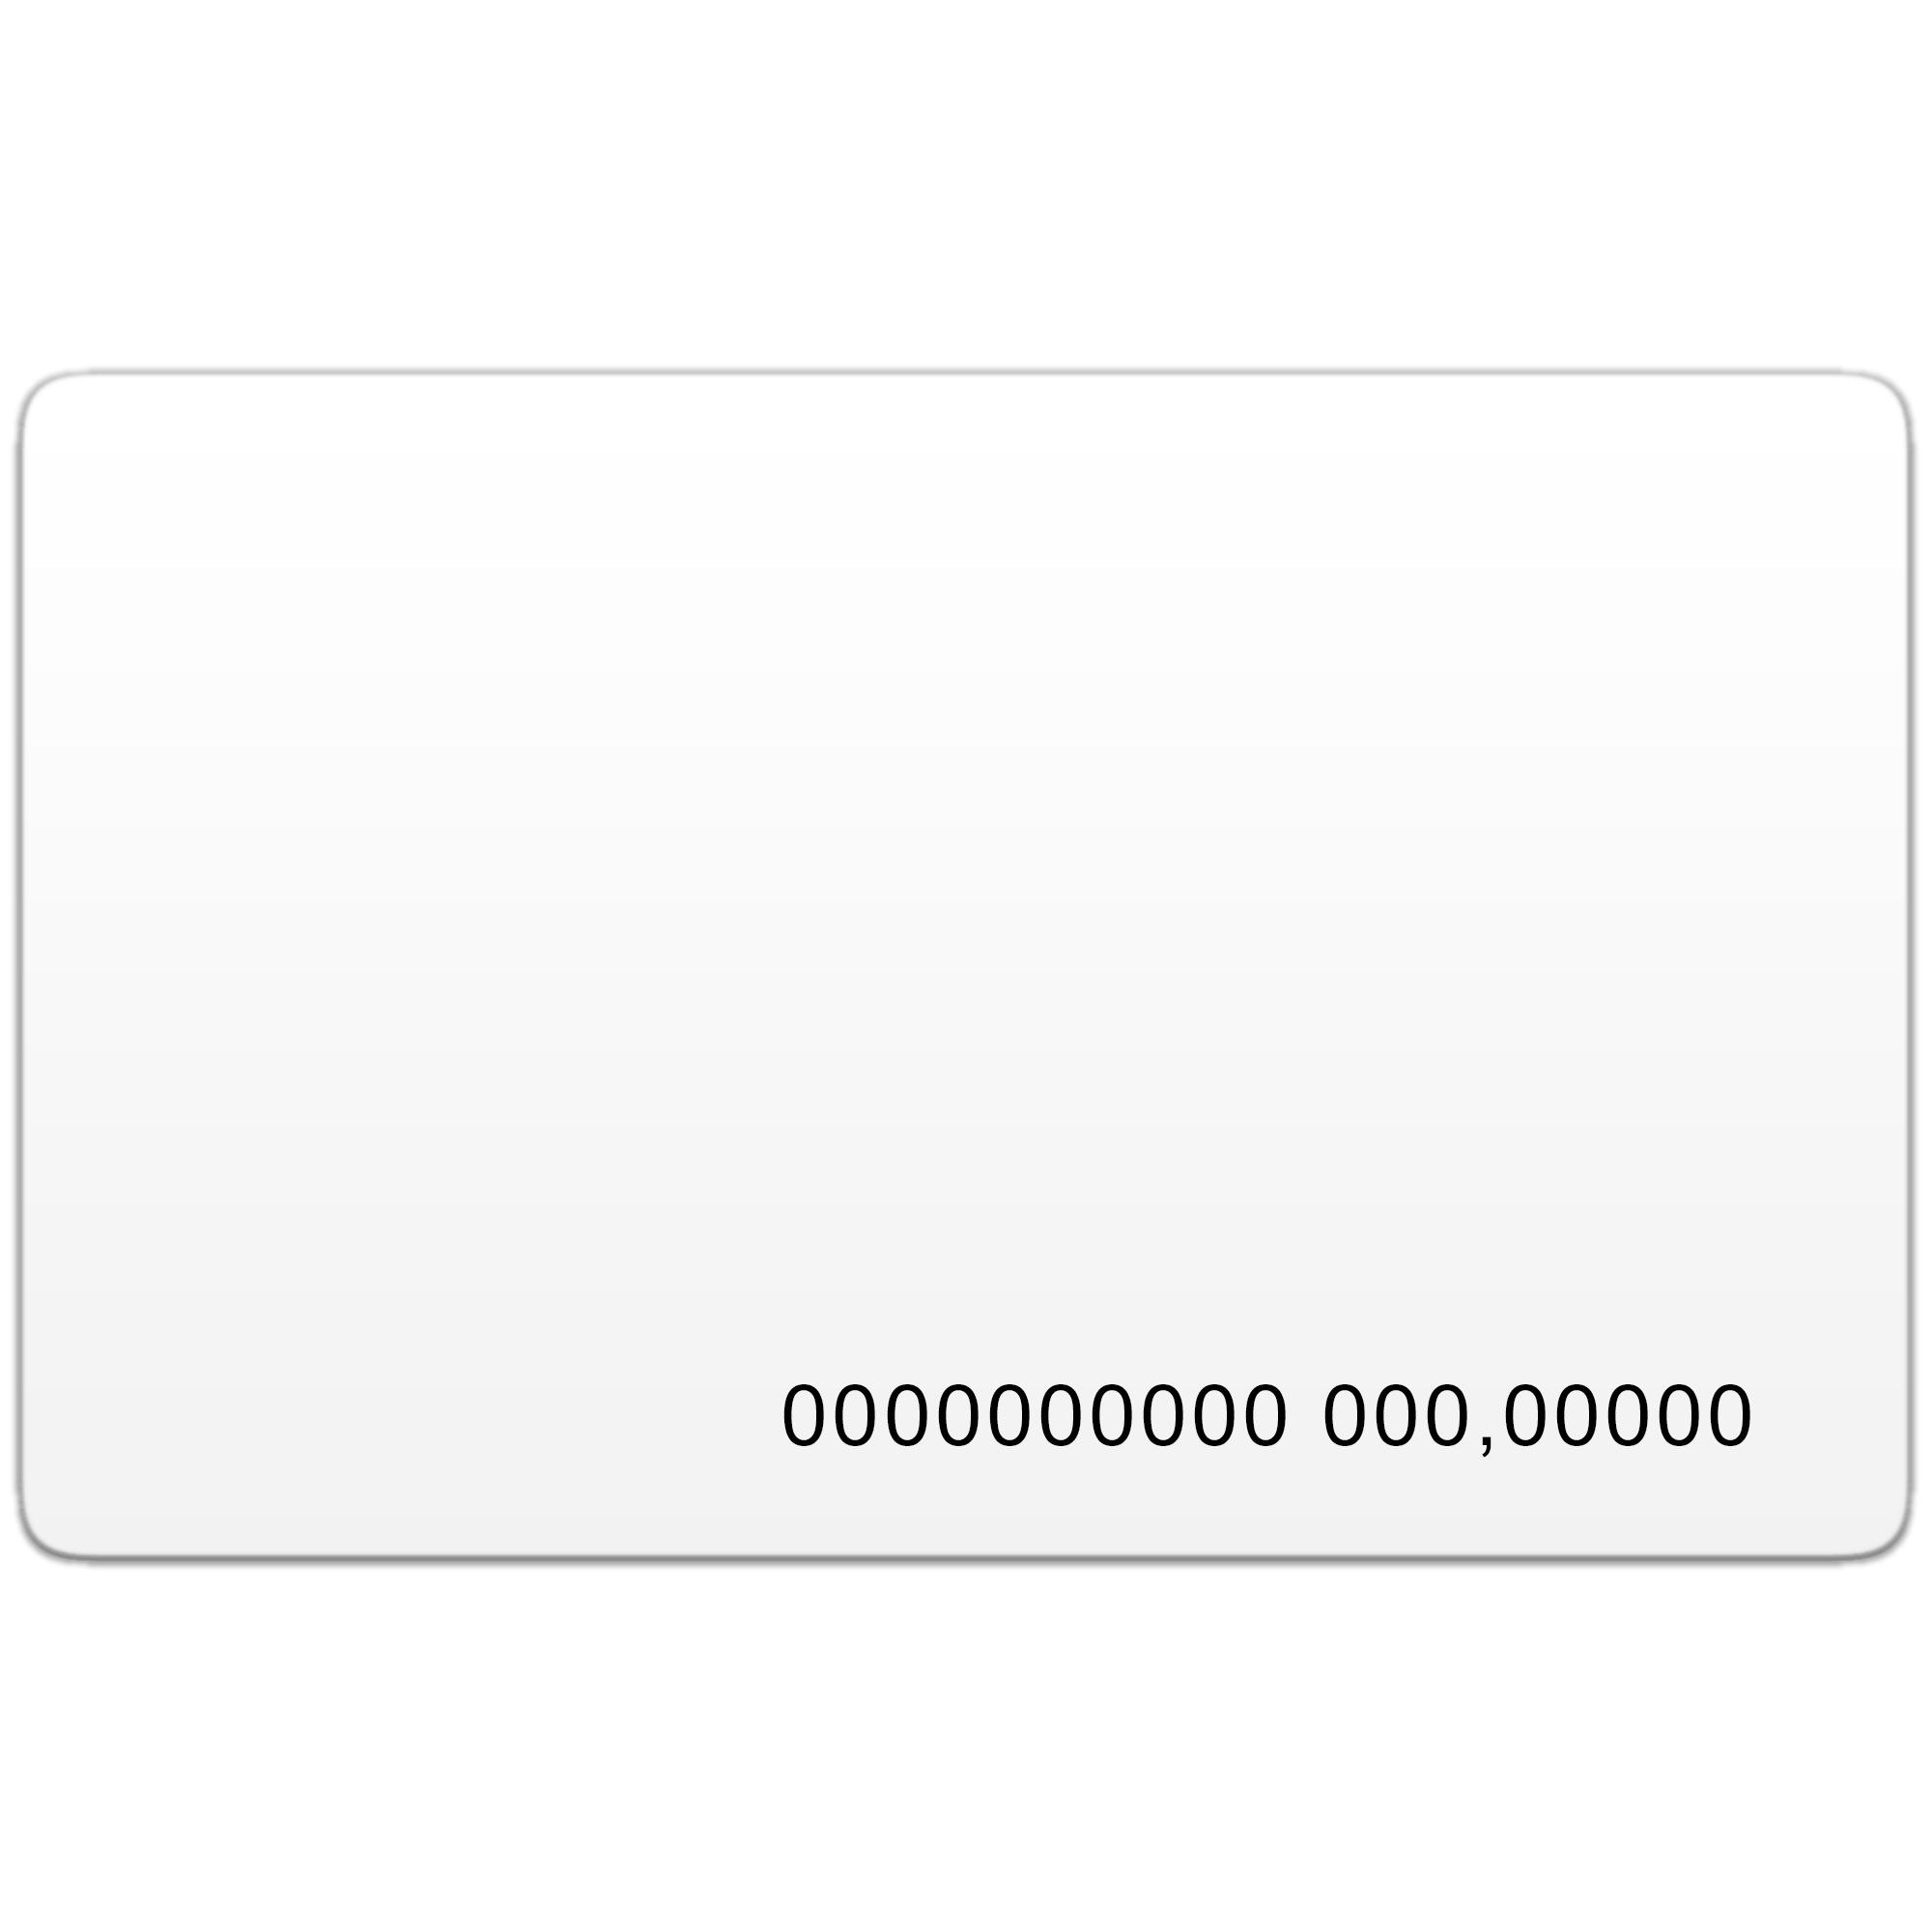 Chip-UA Бесконтактная пластиковая RFID-карта с чипом Em-Marine с номером